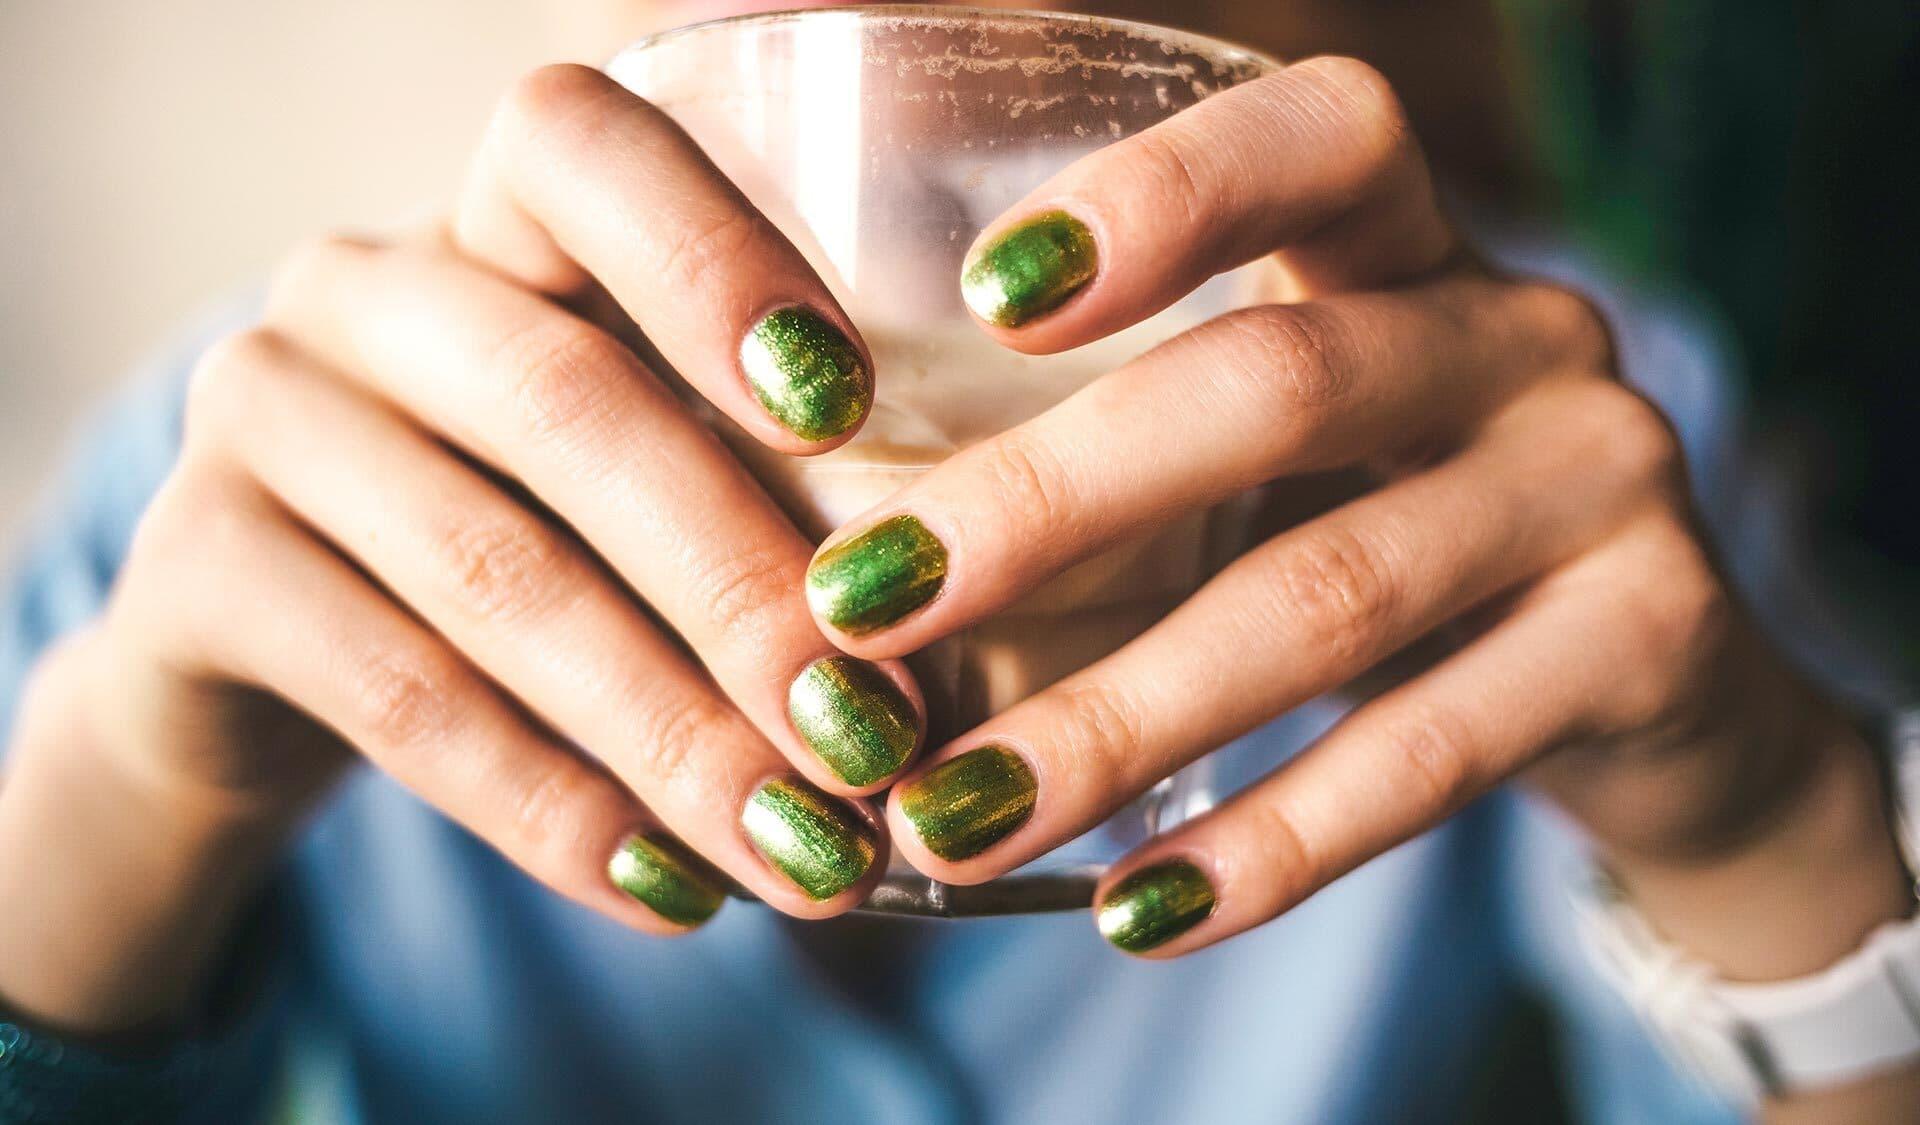 Zwei Frauenhände mit grün lackierten Nägeln halten ein Glas.